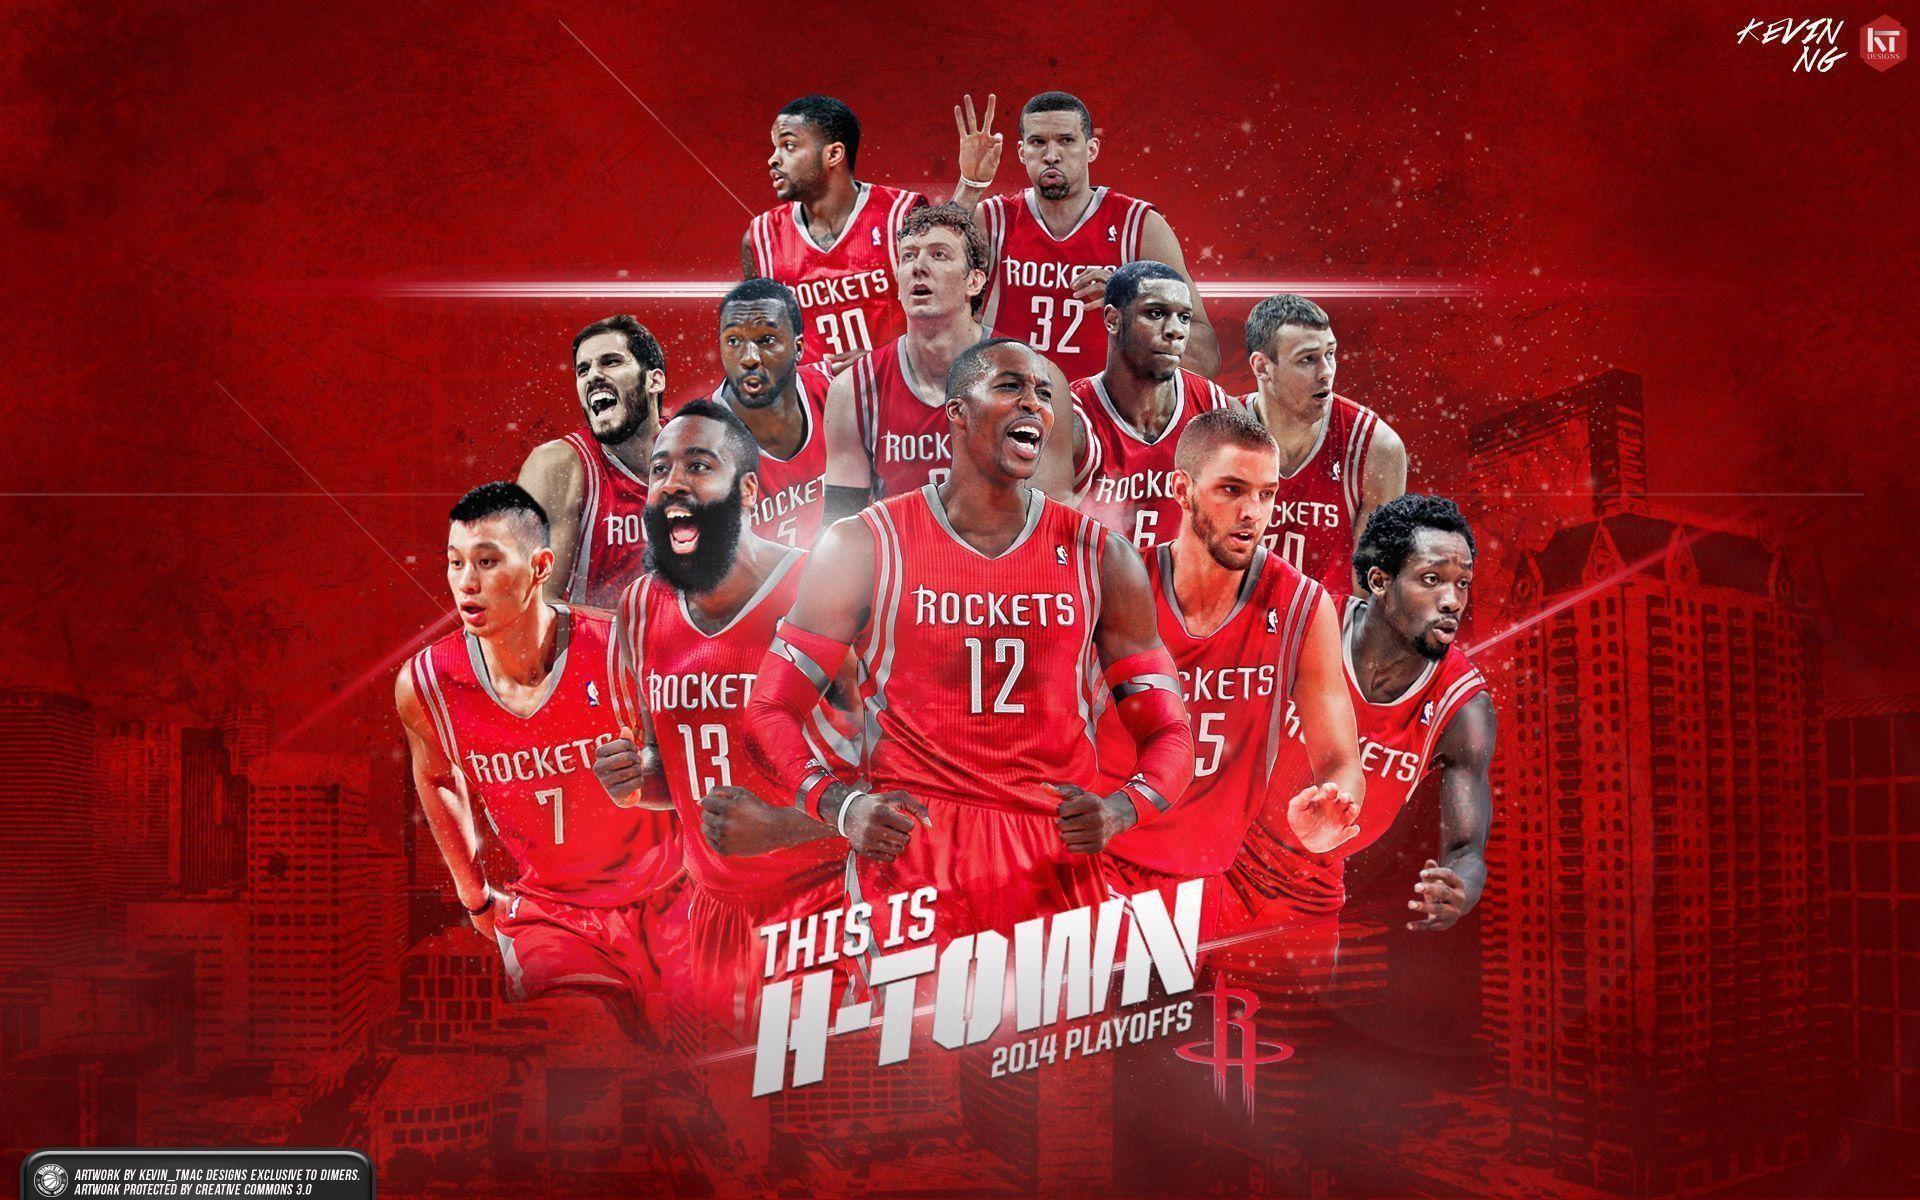 NBA Team Logos Wallpapers 2015 – Wallpaper Cave · wallpapercave.com